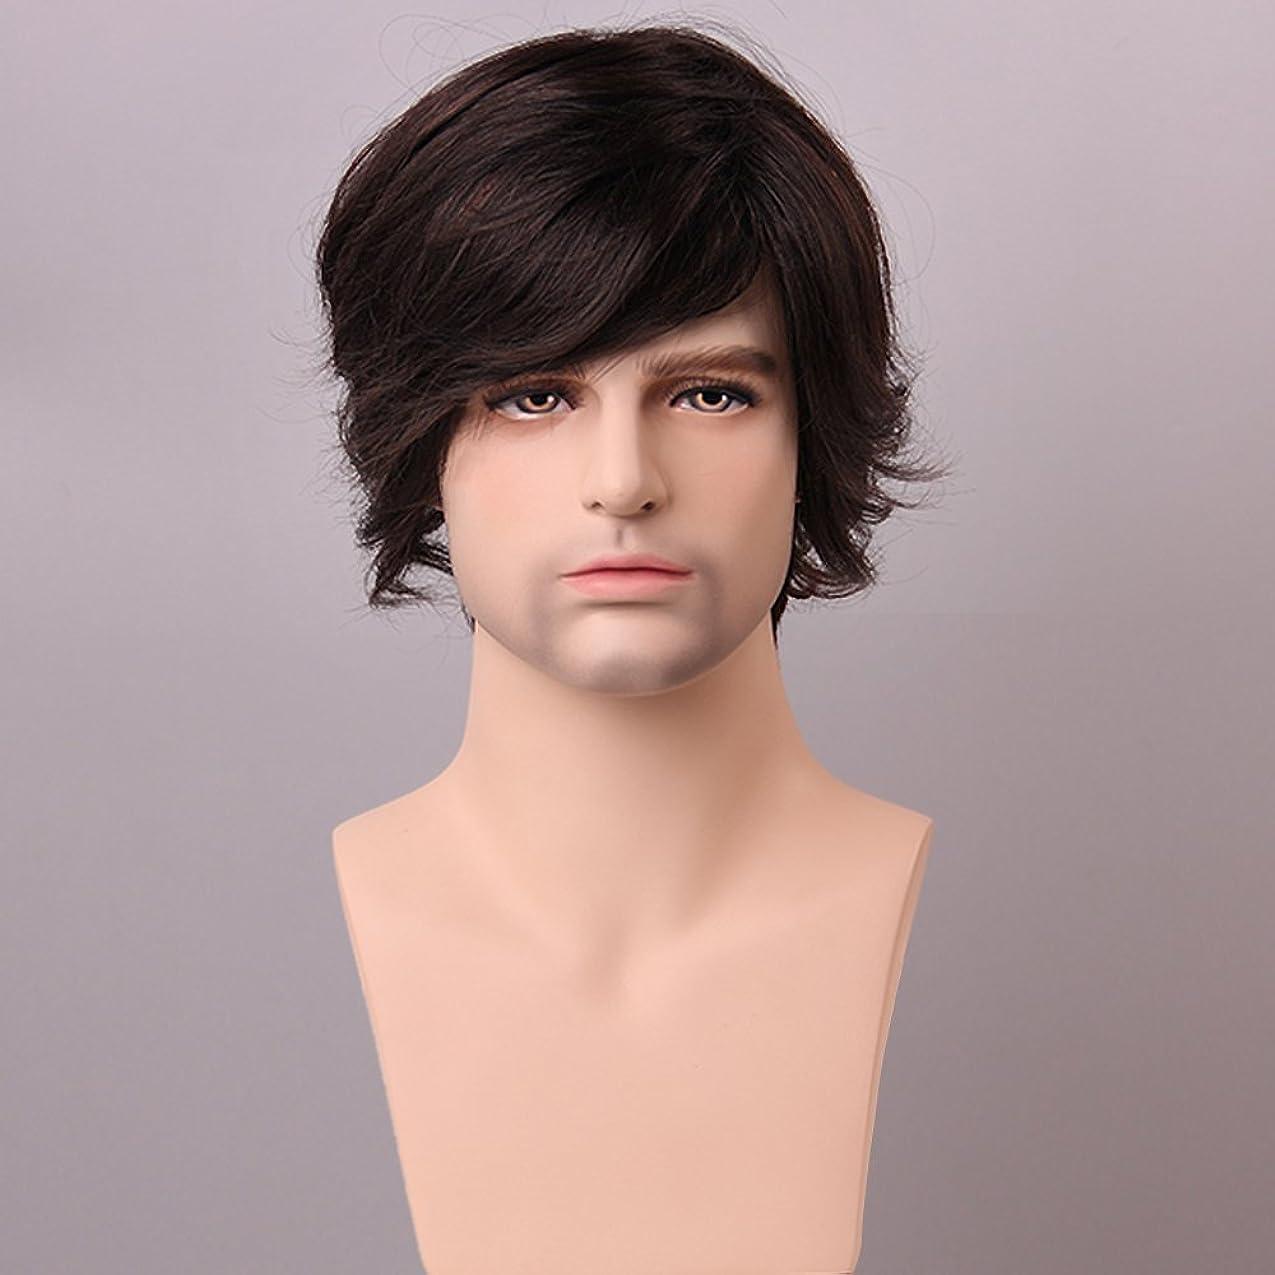 ピニオン類似性器具YZUEYT ふわふわミディアムブラウン男性の人間の髪のかつら男性モノトップVirginレミーキャップレスサイドバング YZUEYT (Size : One size)